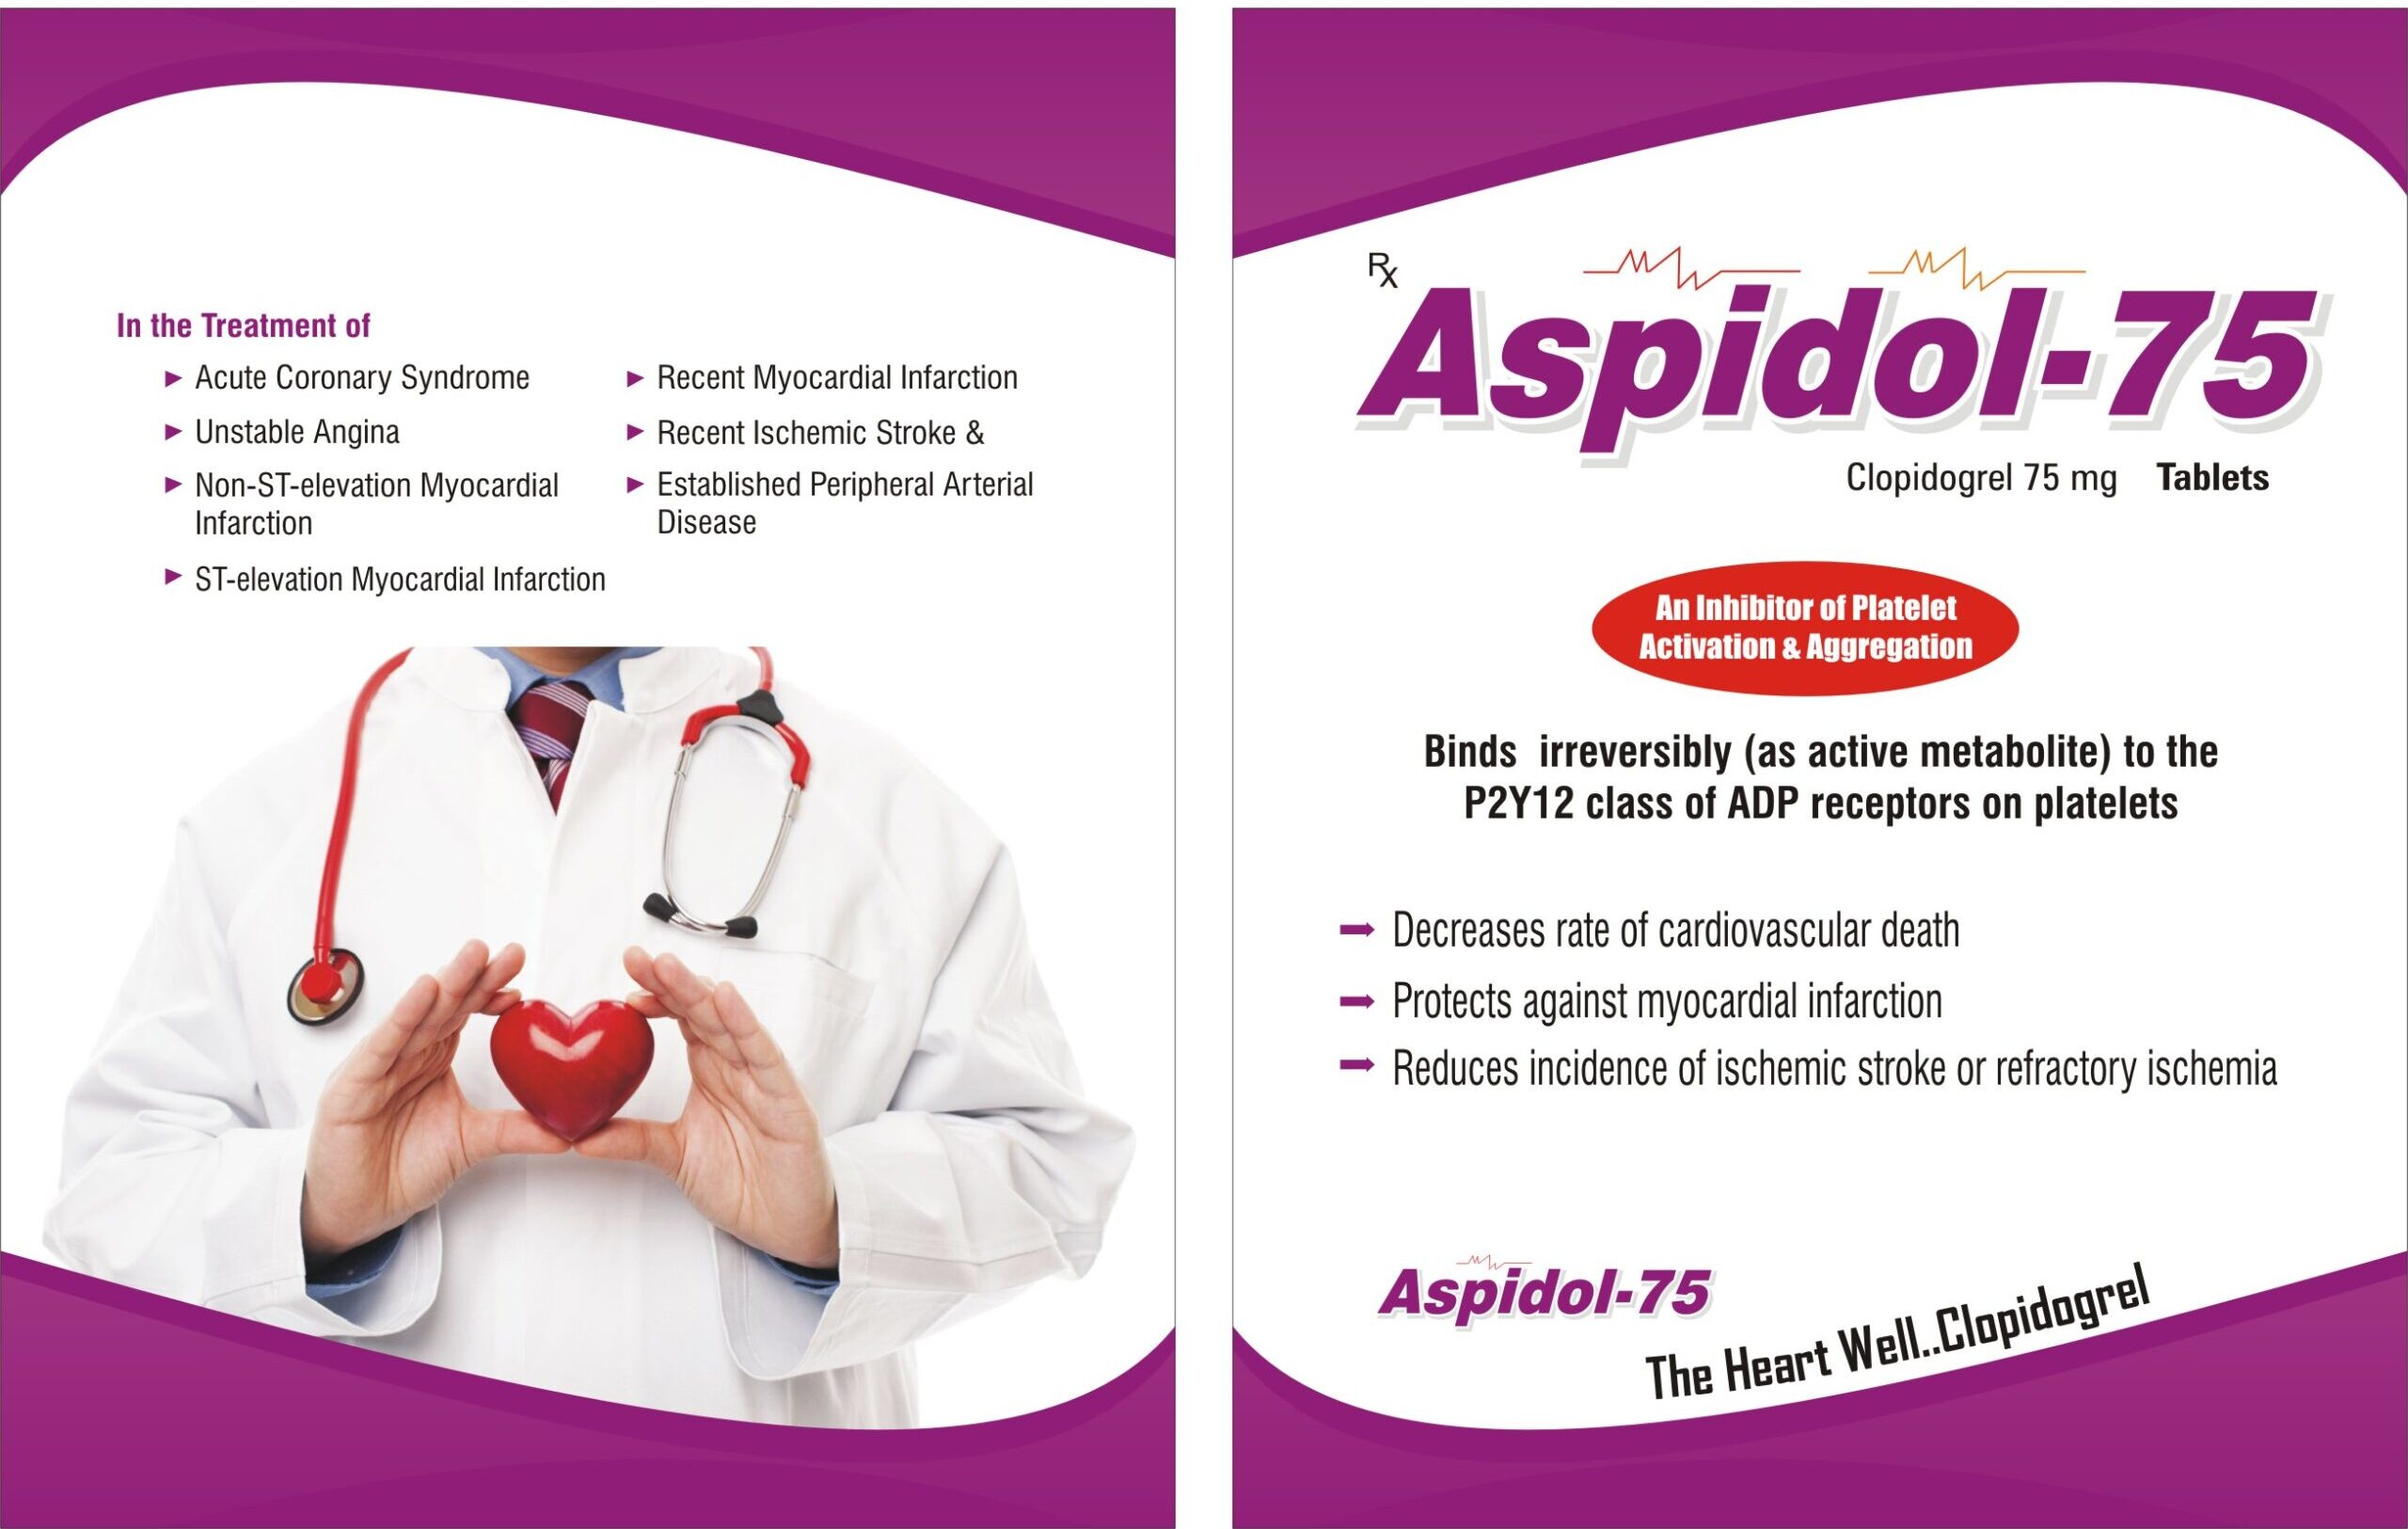 Aspidol 75